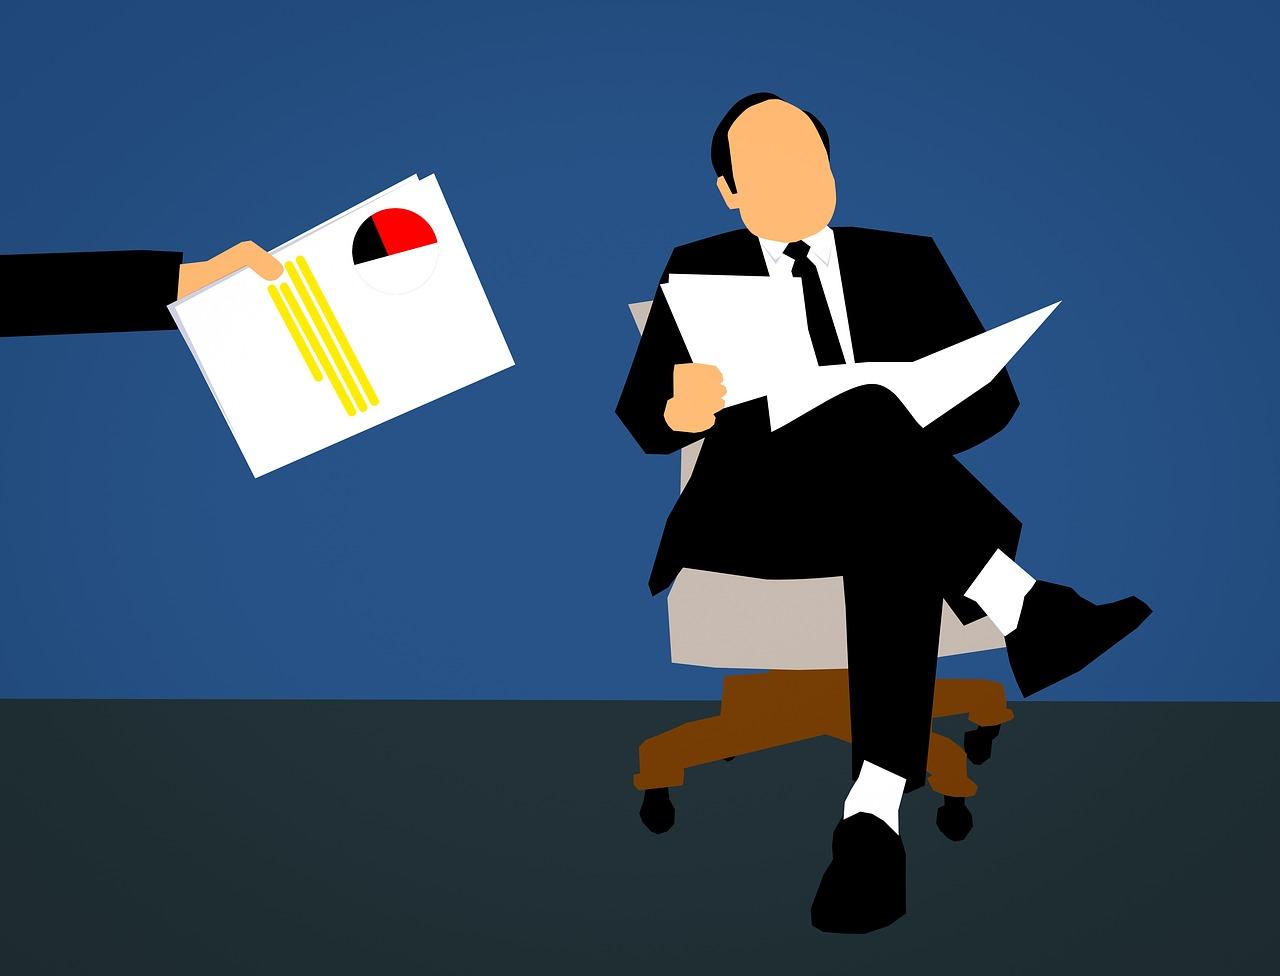 ದುಡ್ಡಿಲ್ಲದೇ ಬಿಜನೆಸ್ ಮಾಡುವುದೇಗೆ? How to do Business without money? Ultra Business Boot Strapping